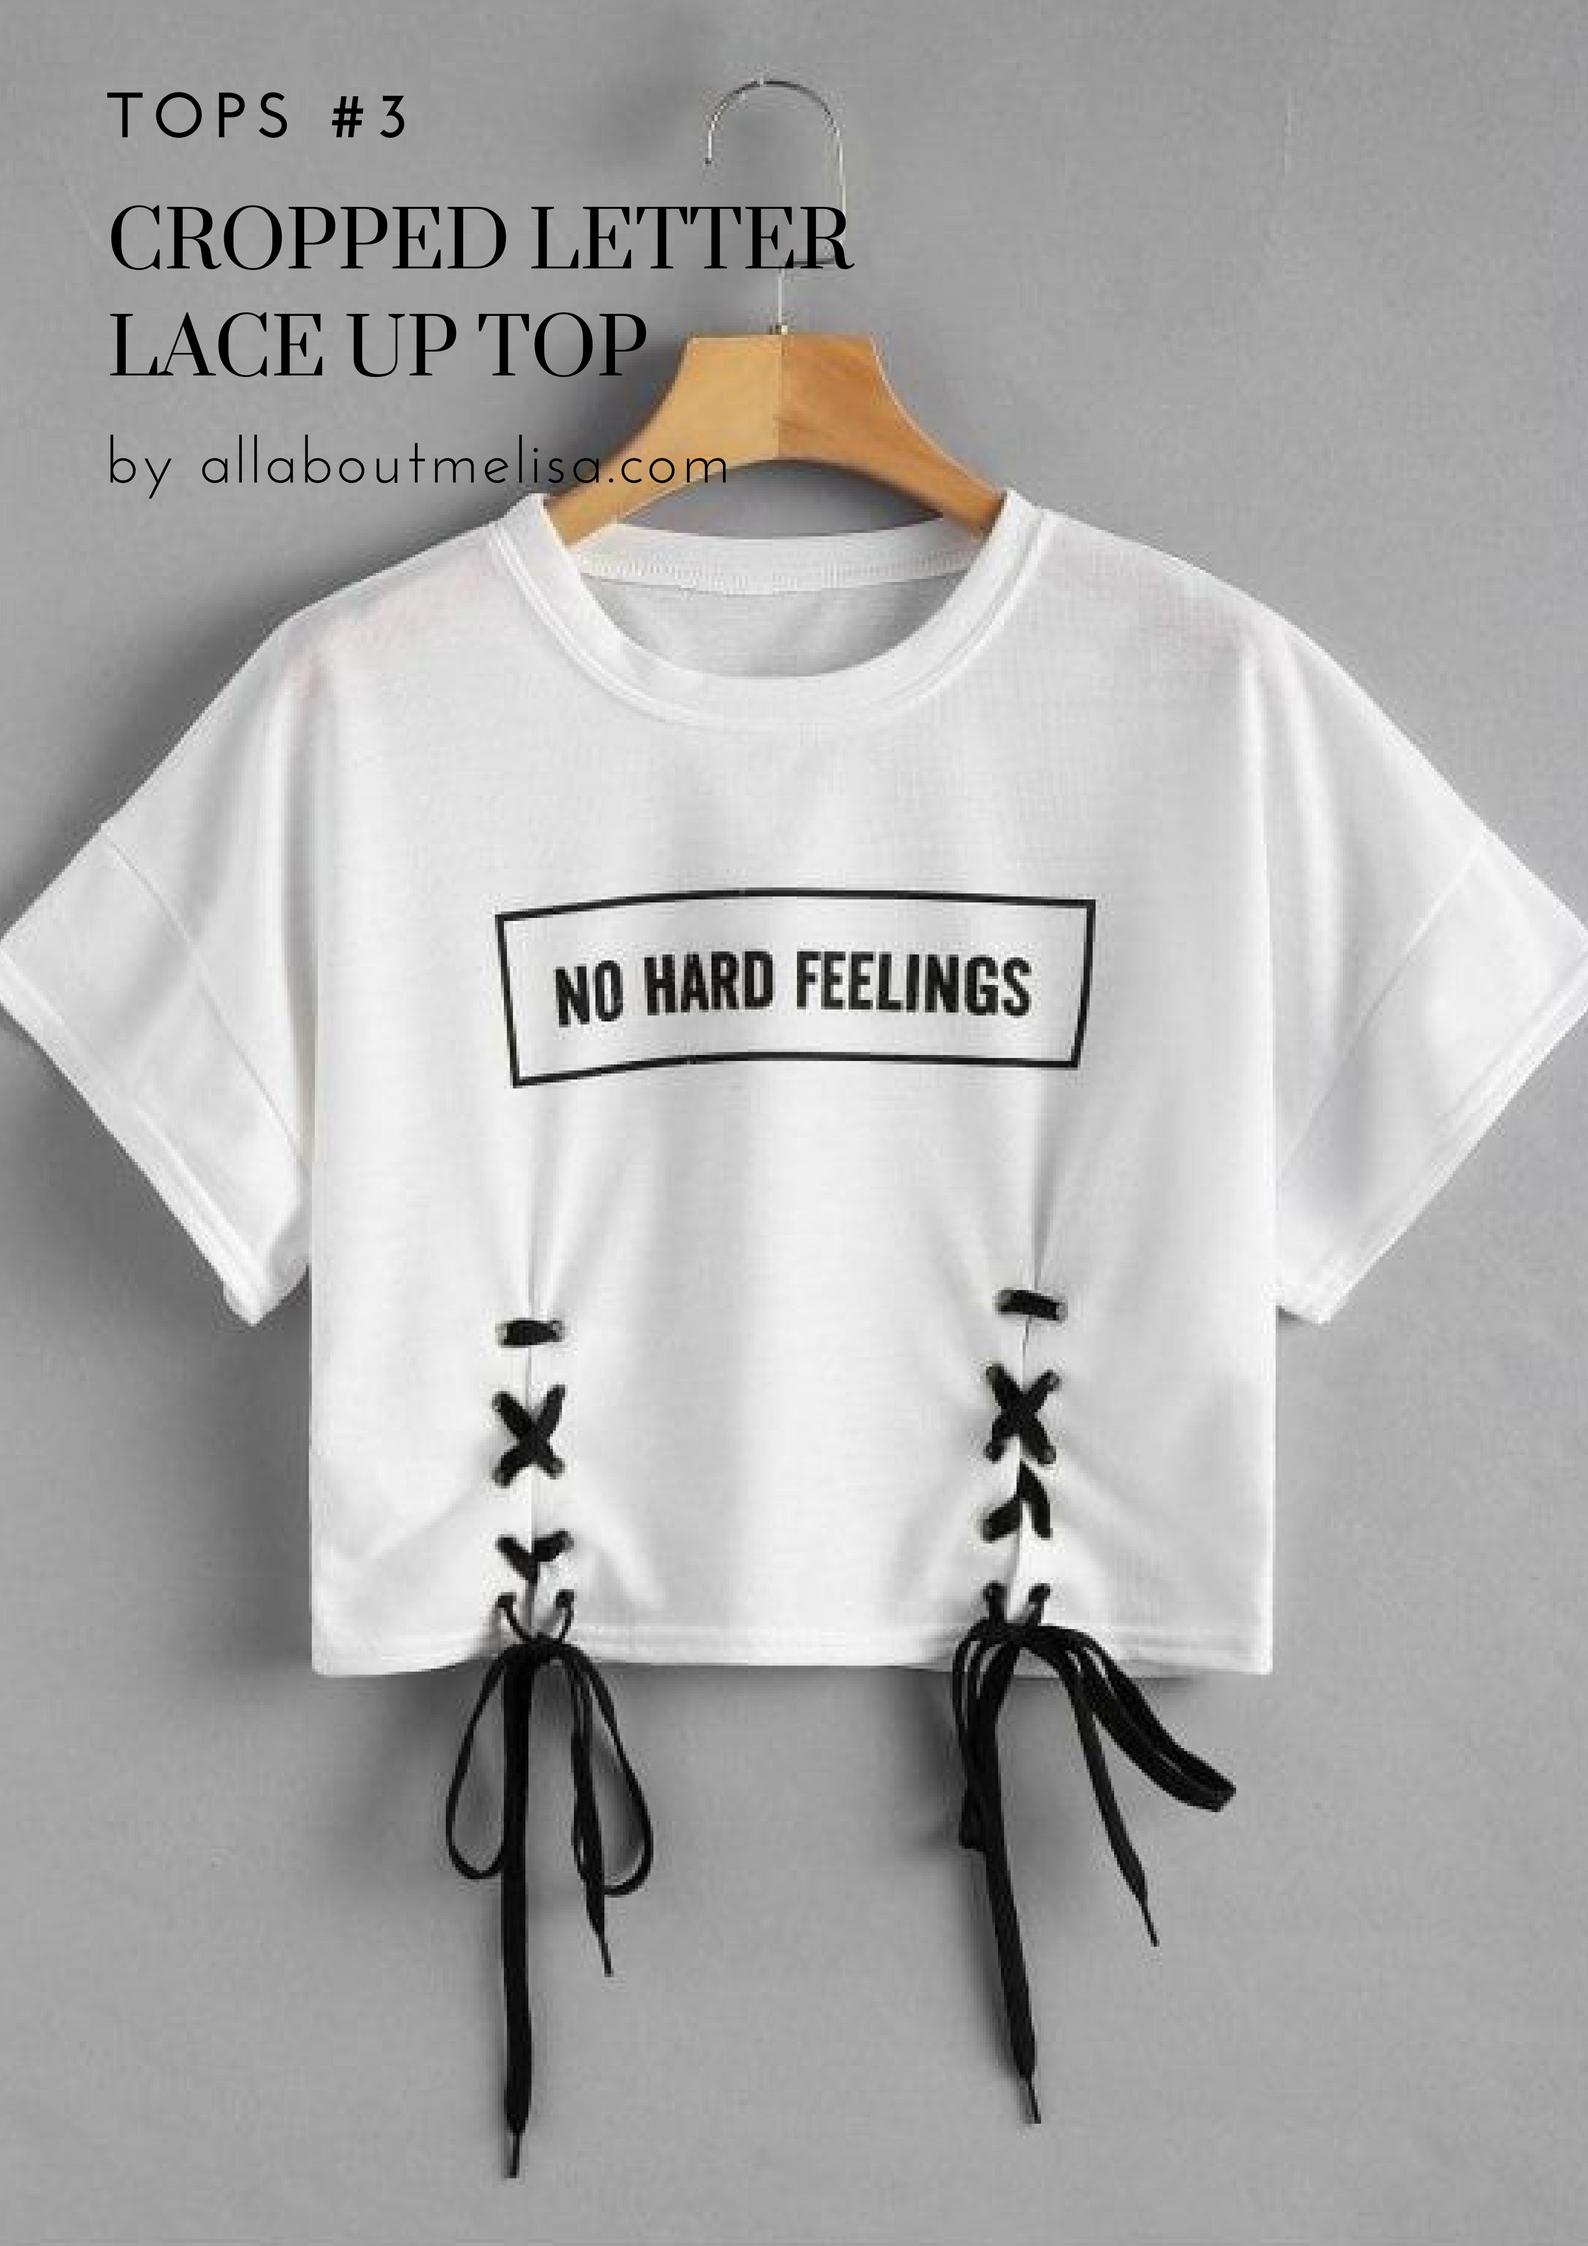 ZAFUL site de vêtements femme : Notre avis - Tendances Femme